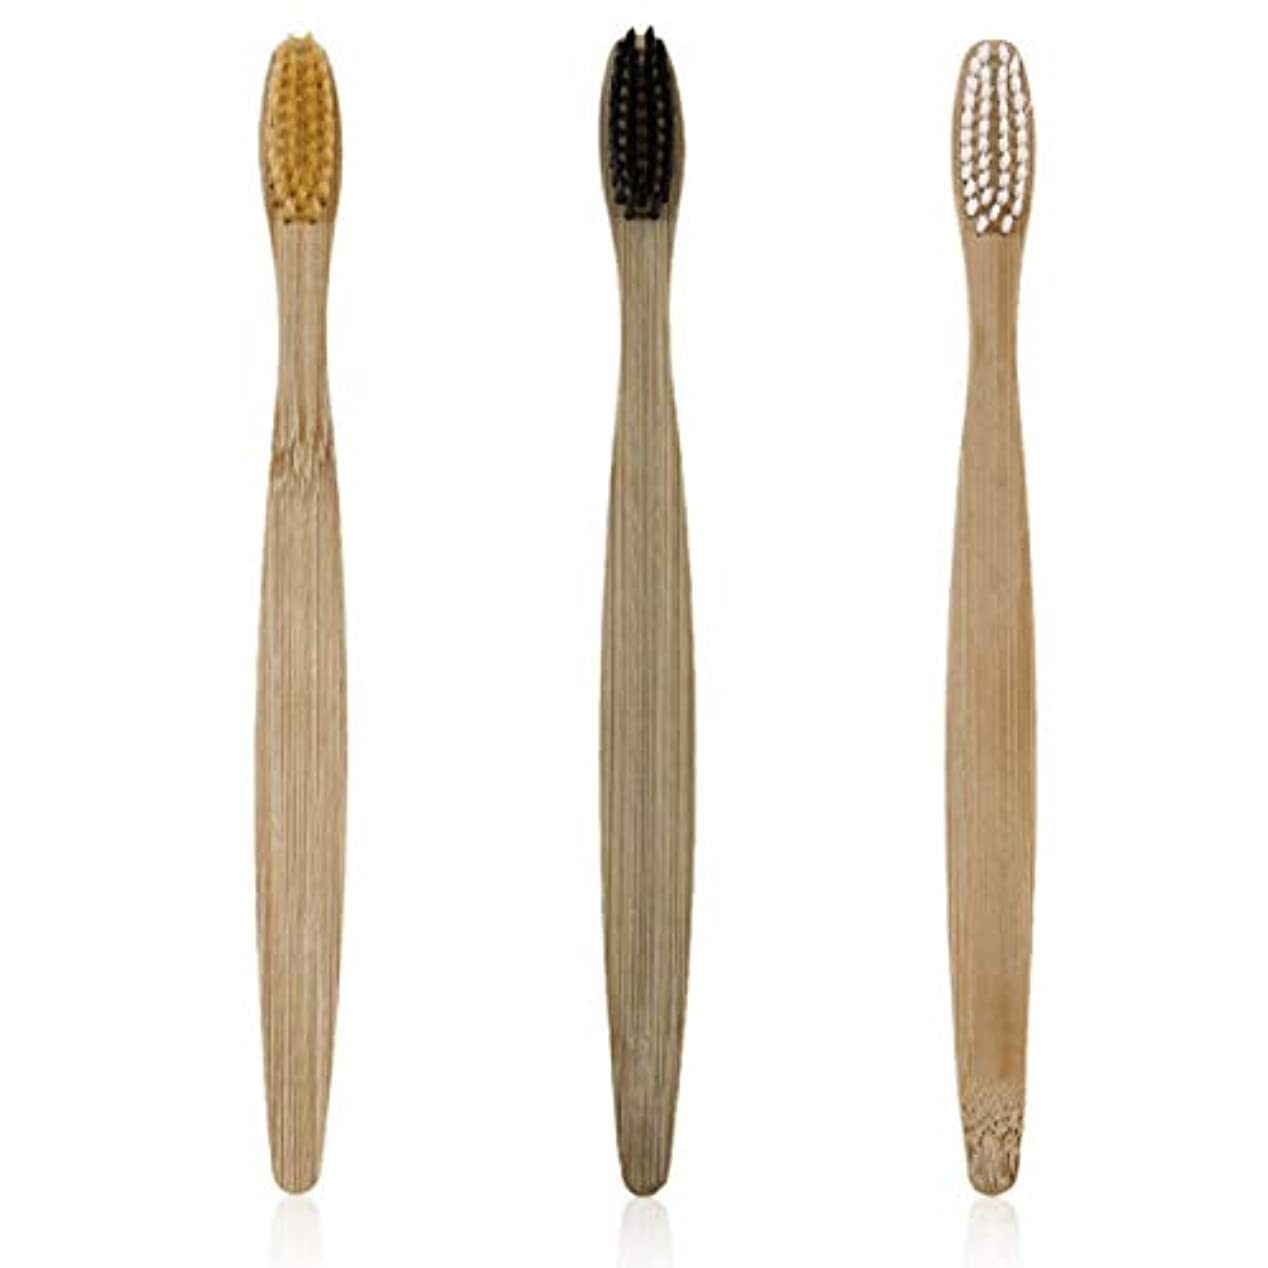 ネクタイヘッジ3本/セット環境に優しい木製の歯ブラシ竹の歯ブラシ柔らかい竹繊維の木製のハンドル低炭素環境に優しい - ブラック/ホワイト/イエロー